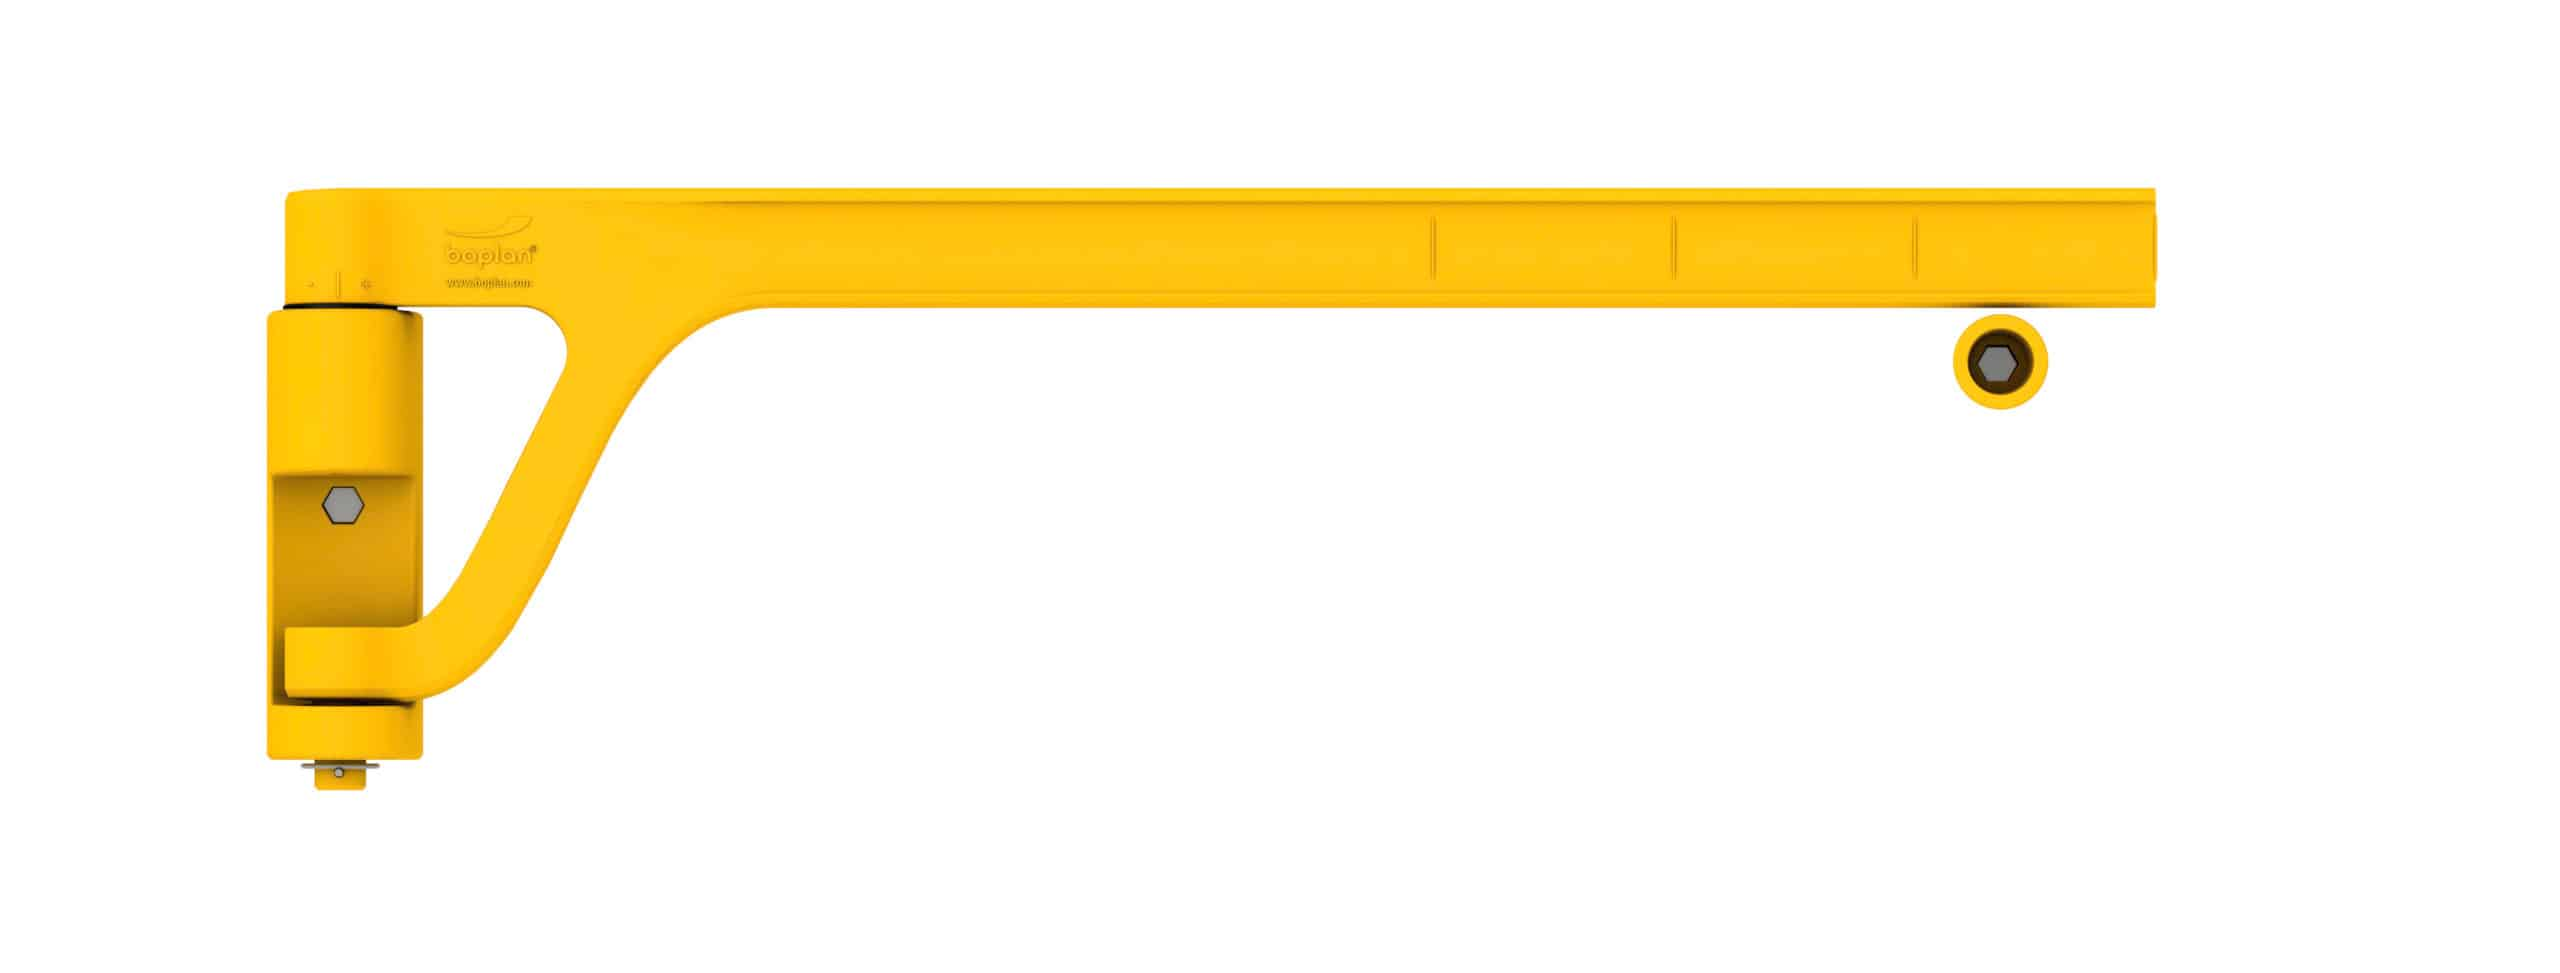 Sicherheitstür selbstschließende Absturzsicherung zuschneidbar boplan® Single Axes gate – Länge 1200mm – gelb